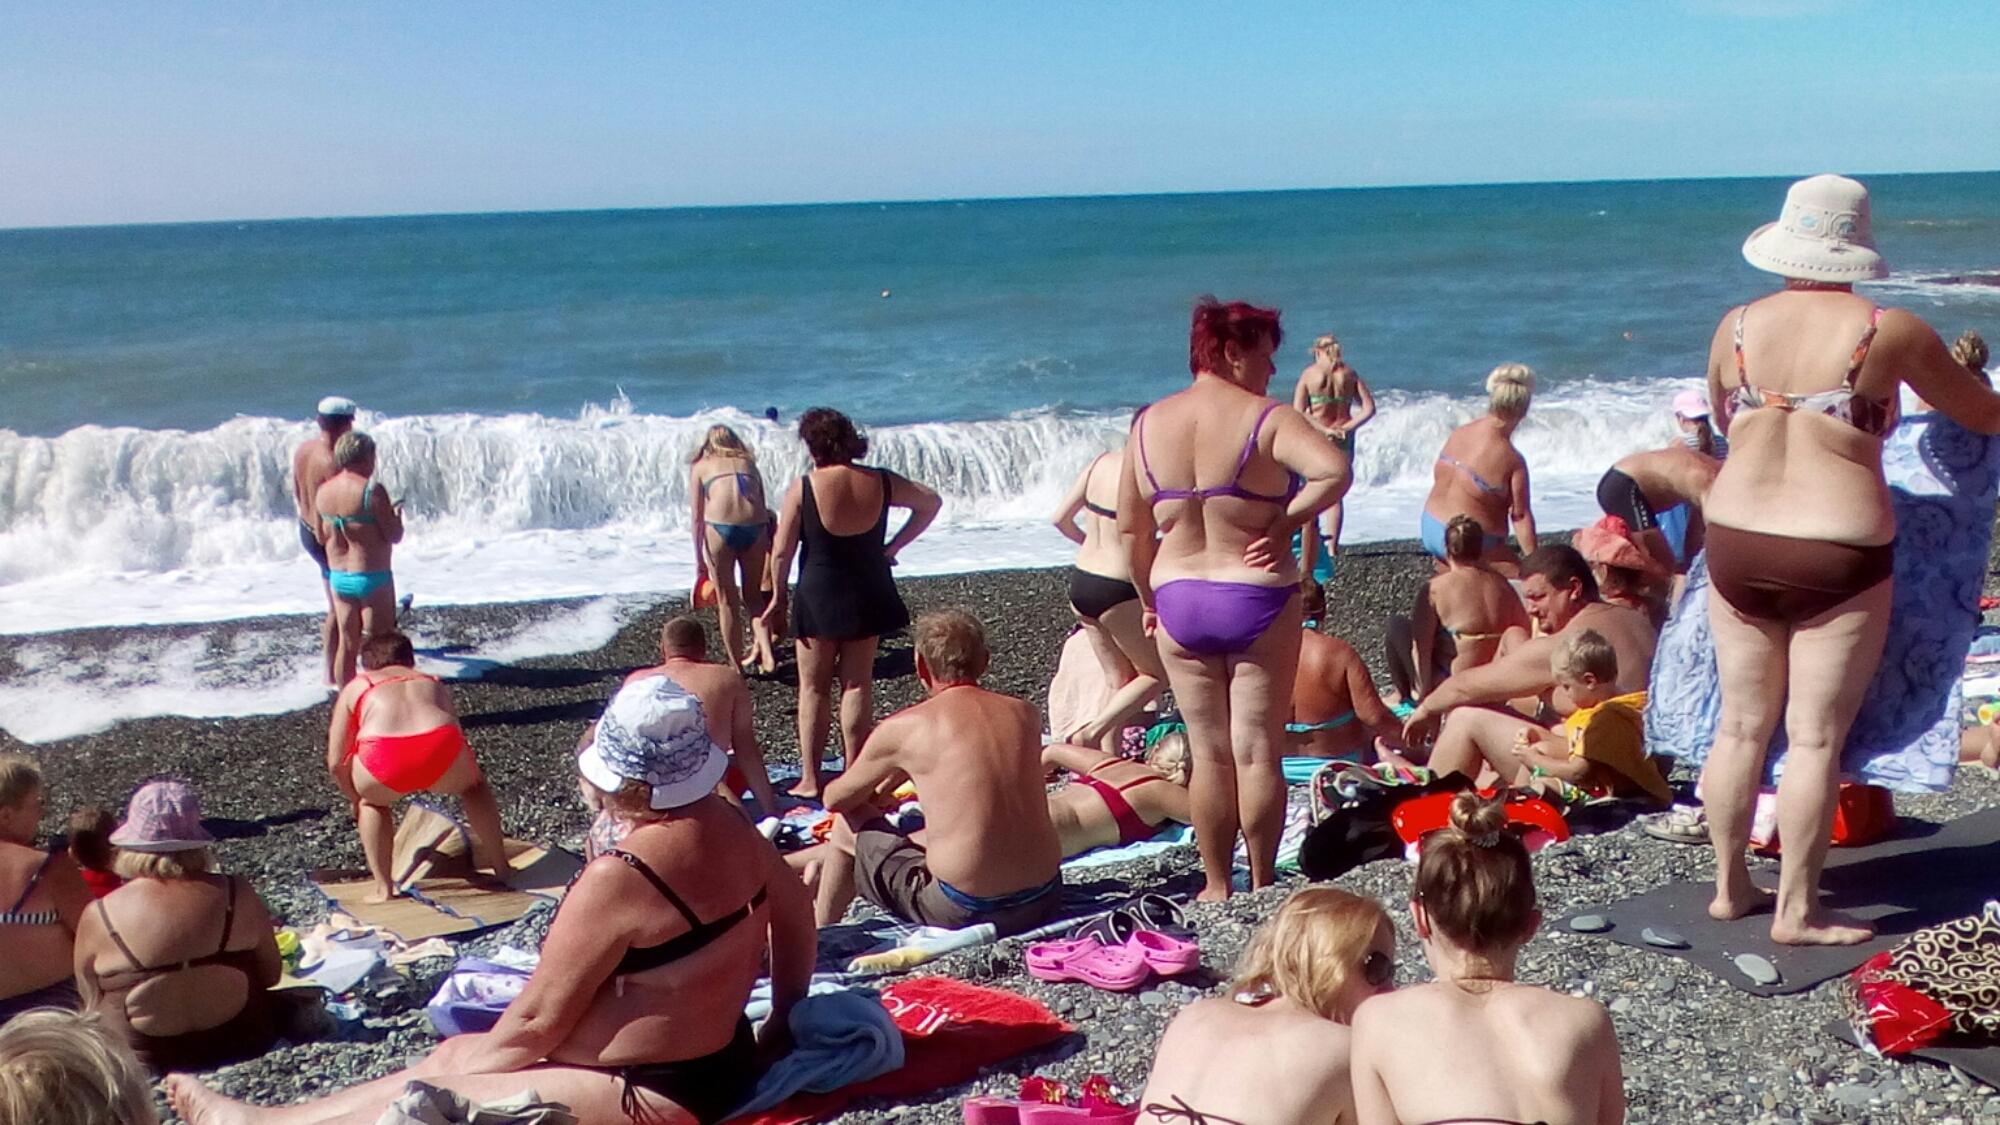 Дагомыс - Нудистский Пляж - Фото